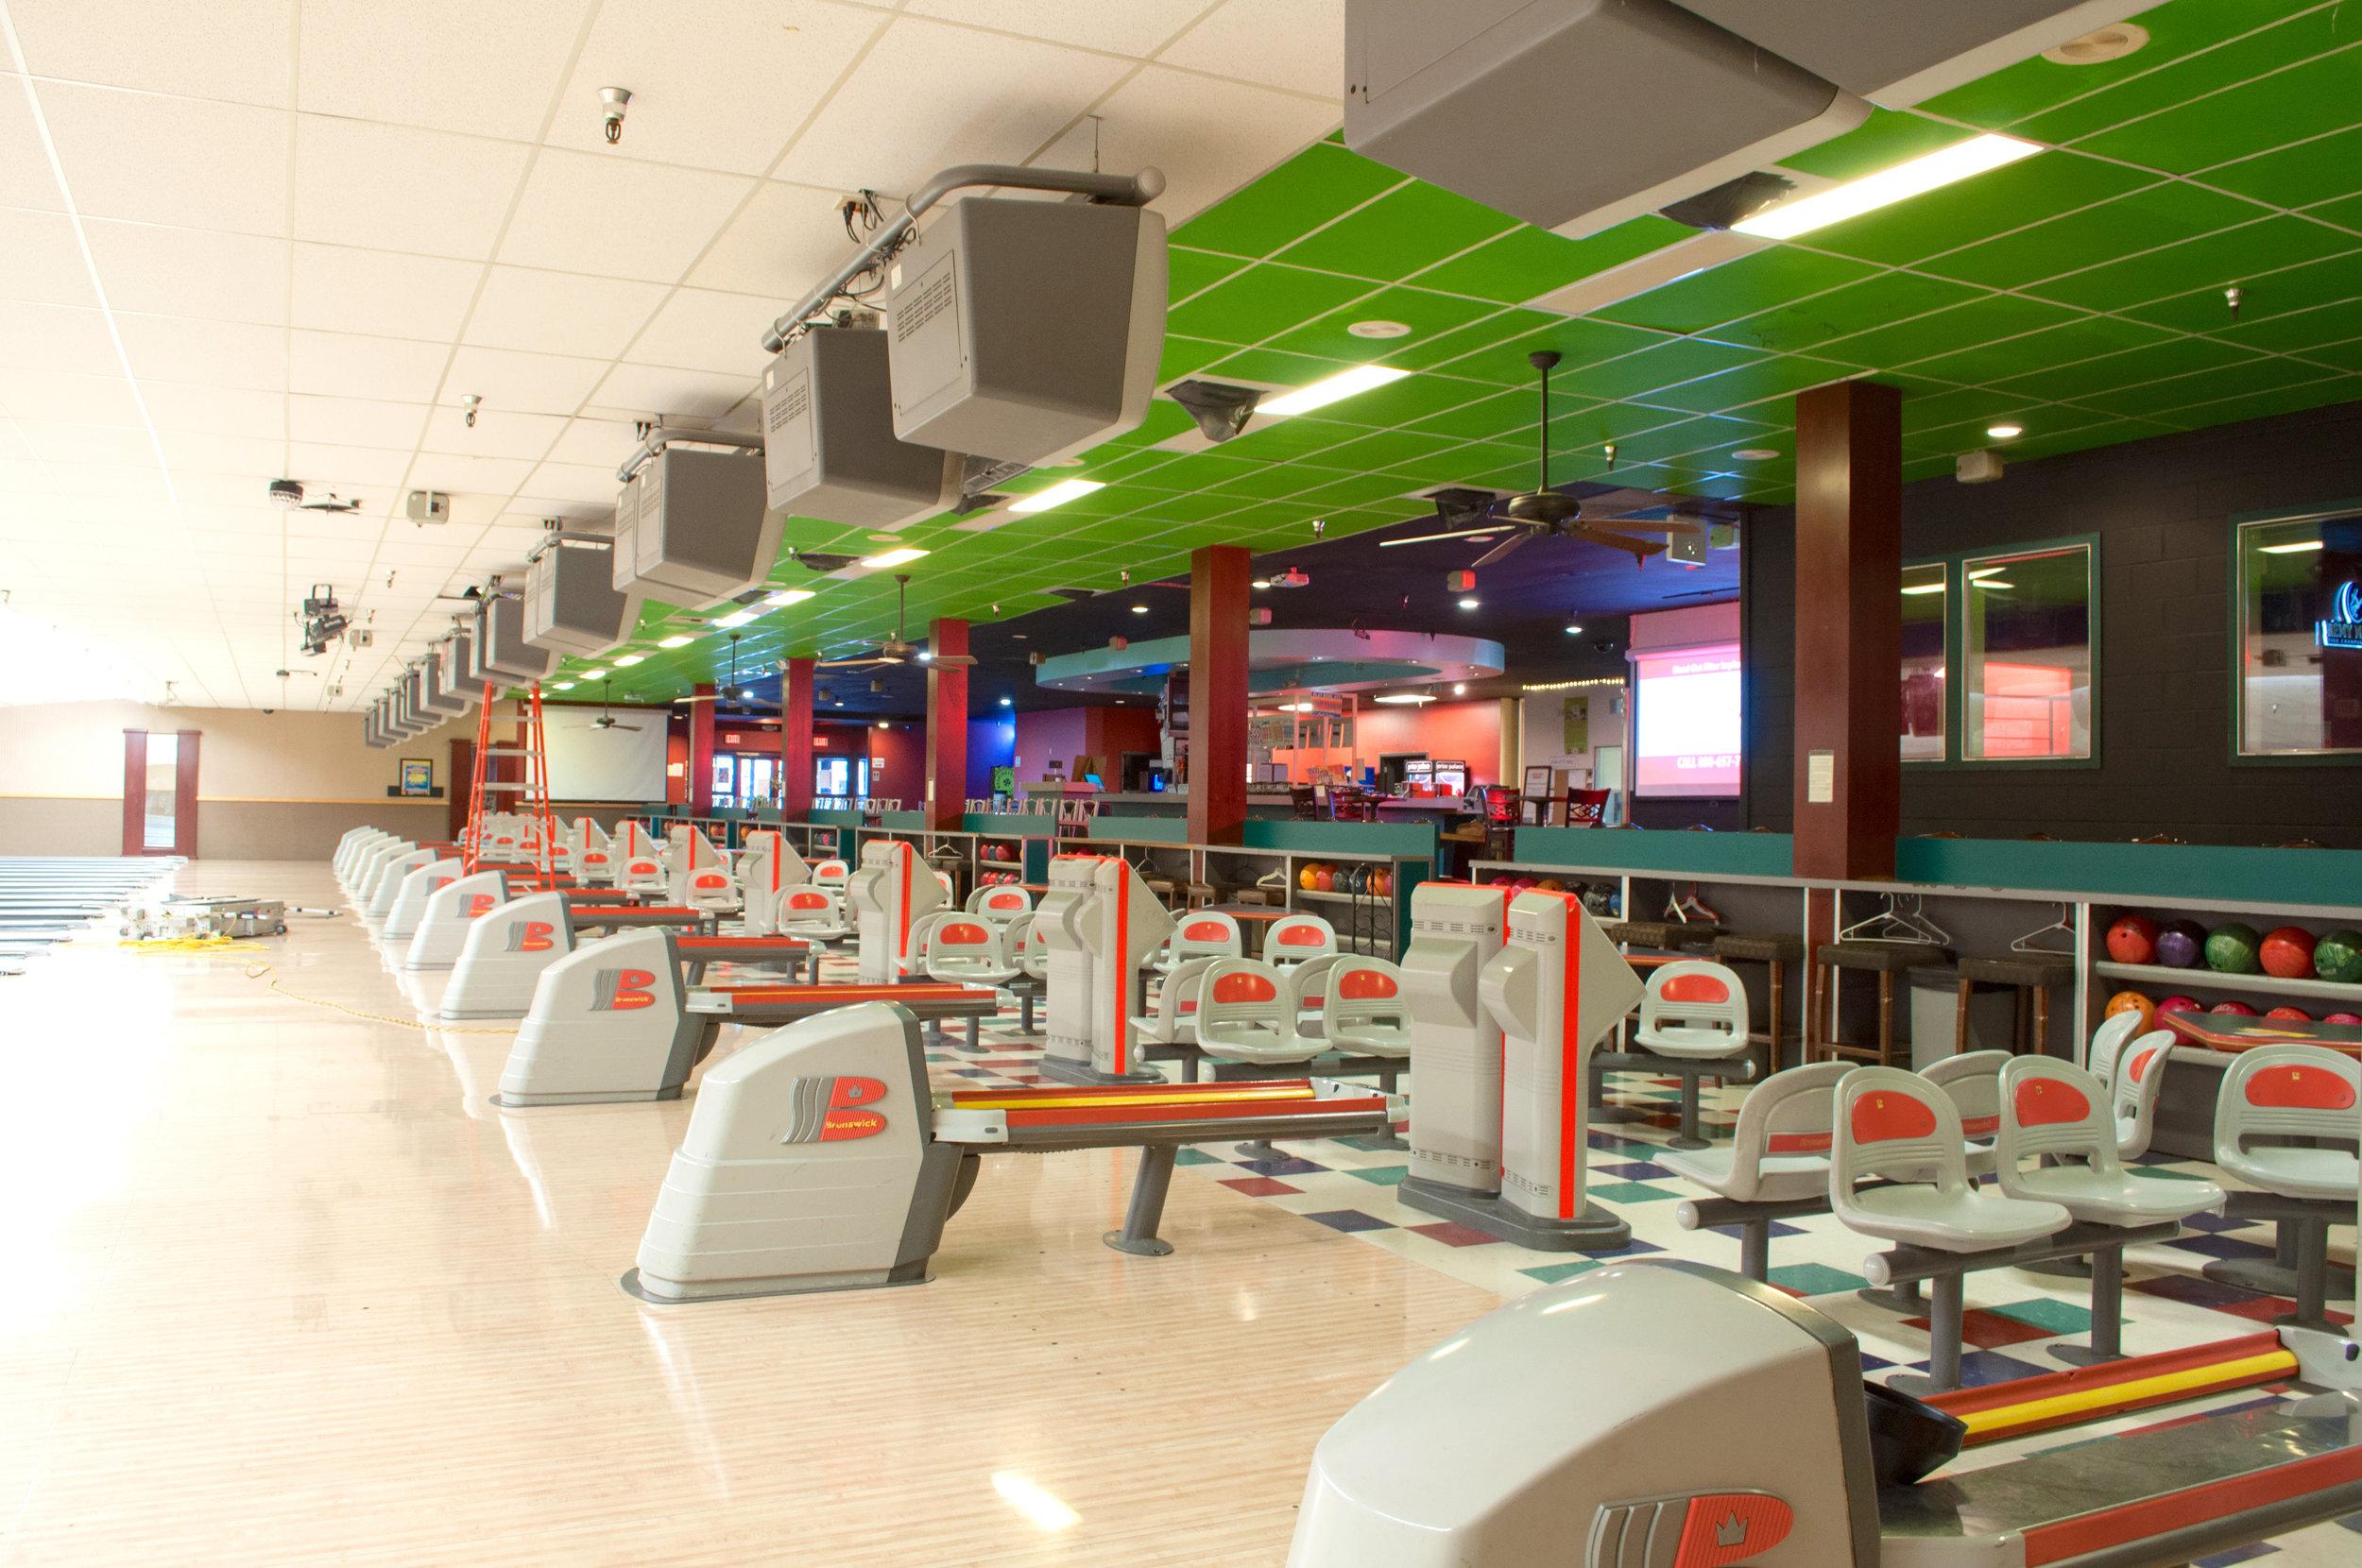 Copy of 24 Bowling Lanes